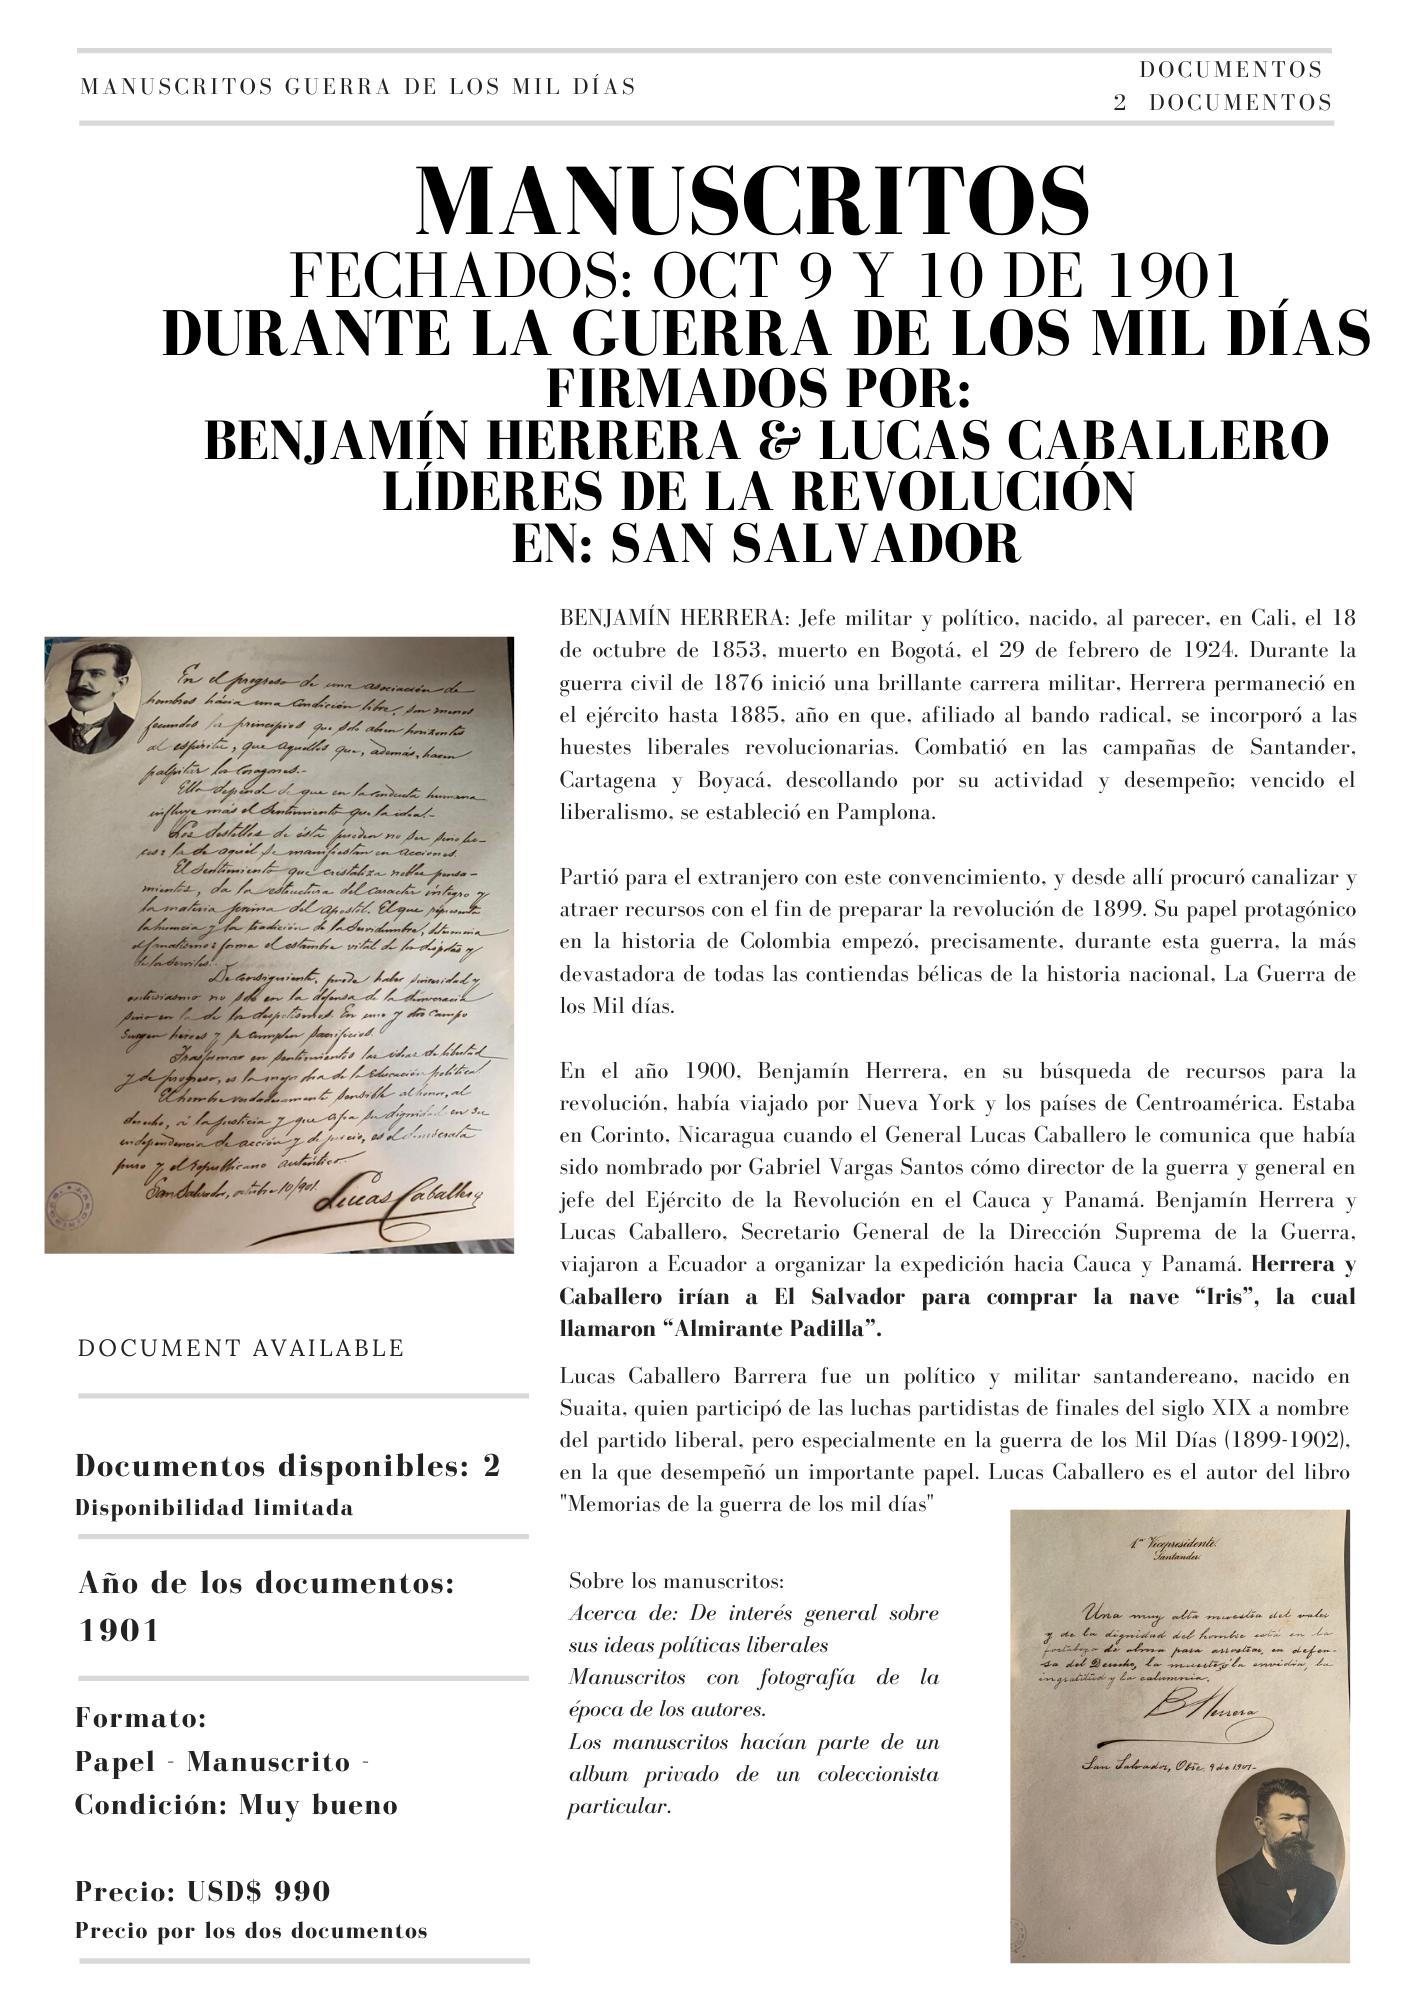 BENJAMIN HERRERA Y LUCAS CABALLERO